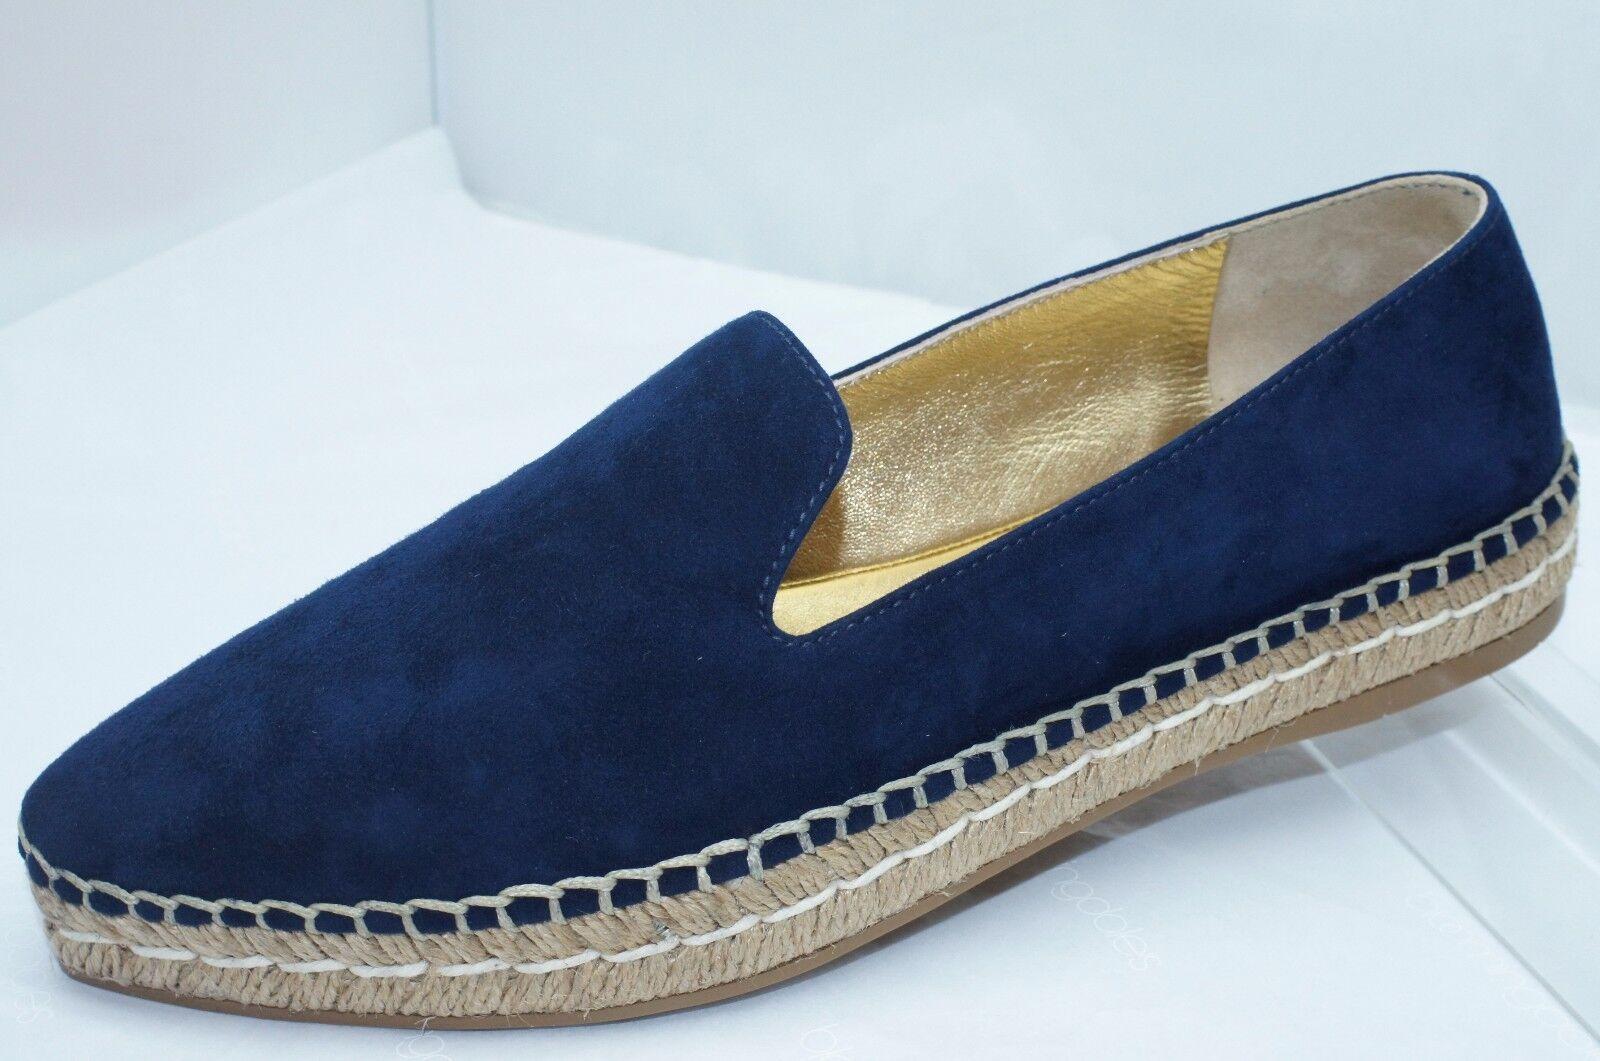 Nuevas alpargatas para mujer zapatos Prada Tacón Bajo Talla 38.5 ante azul extrema mujer